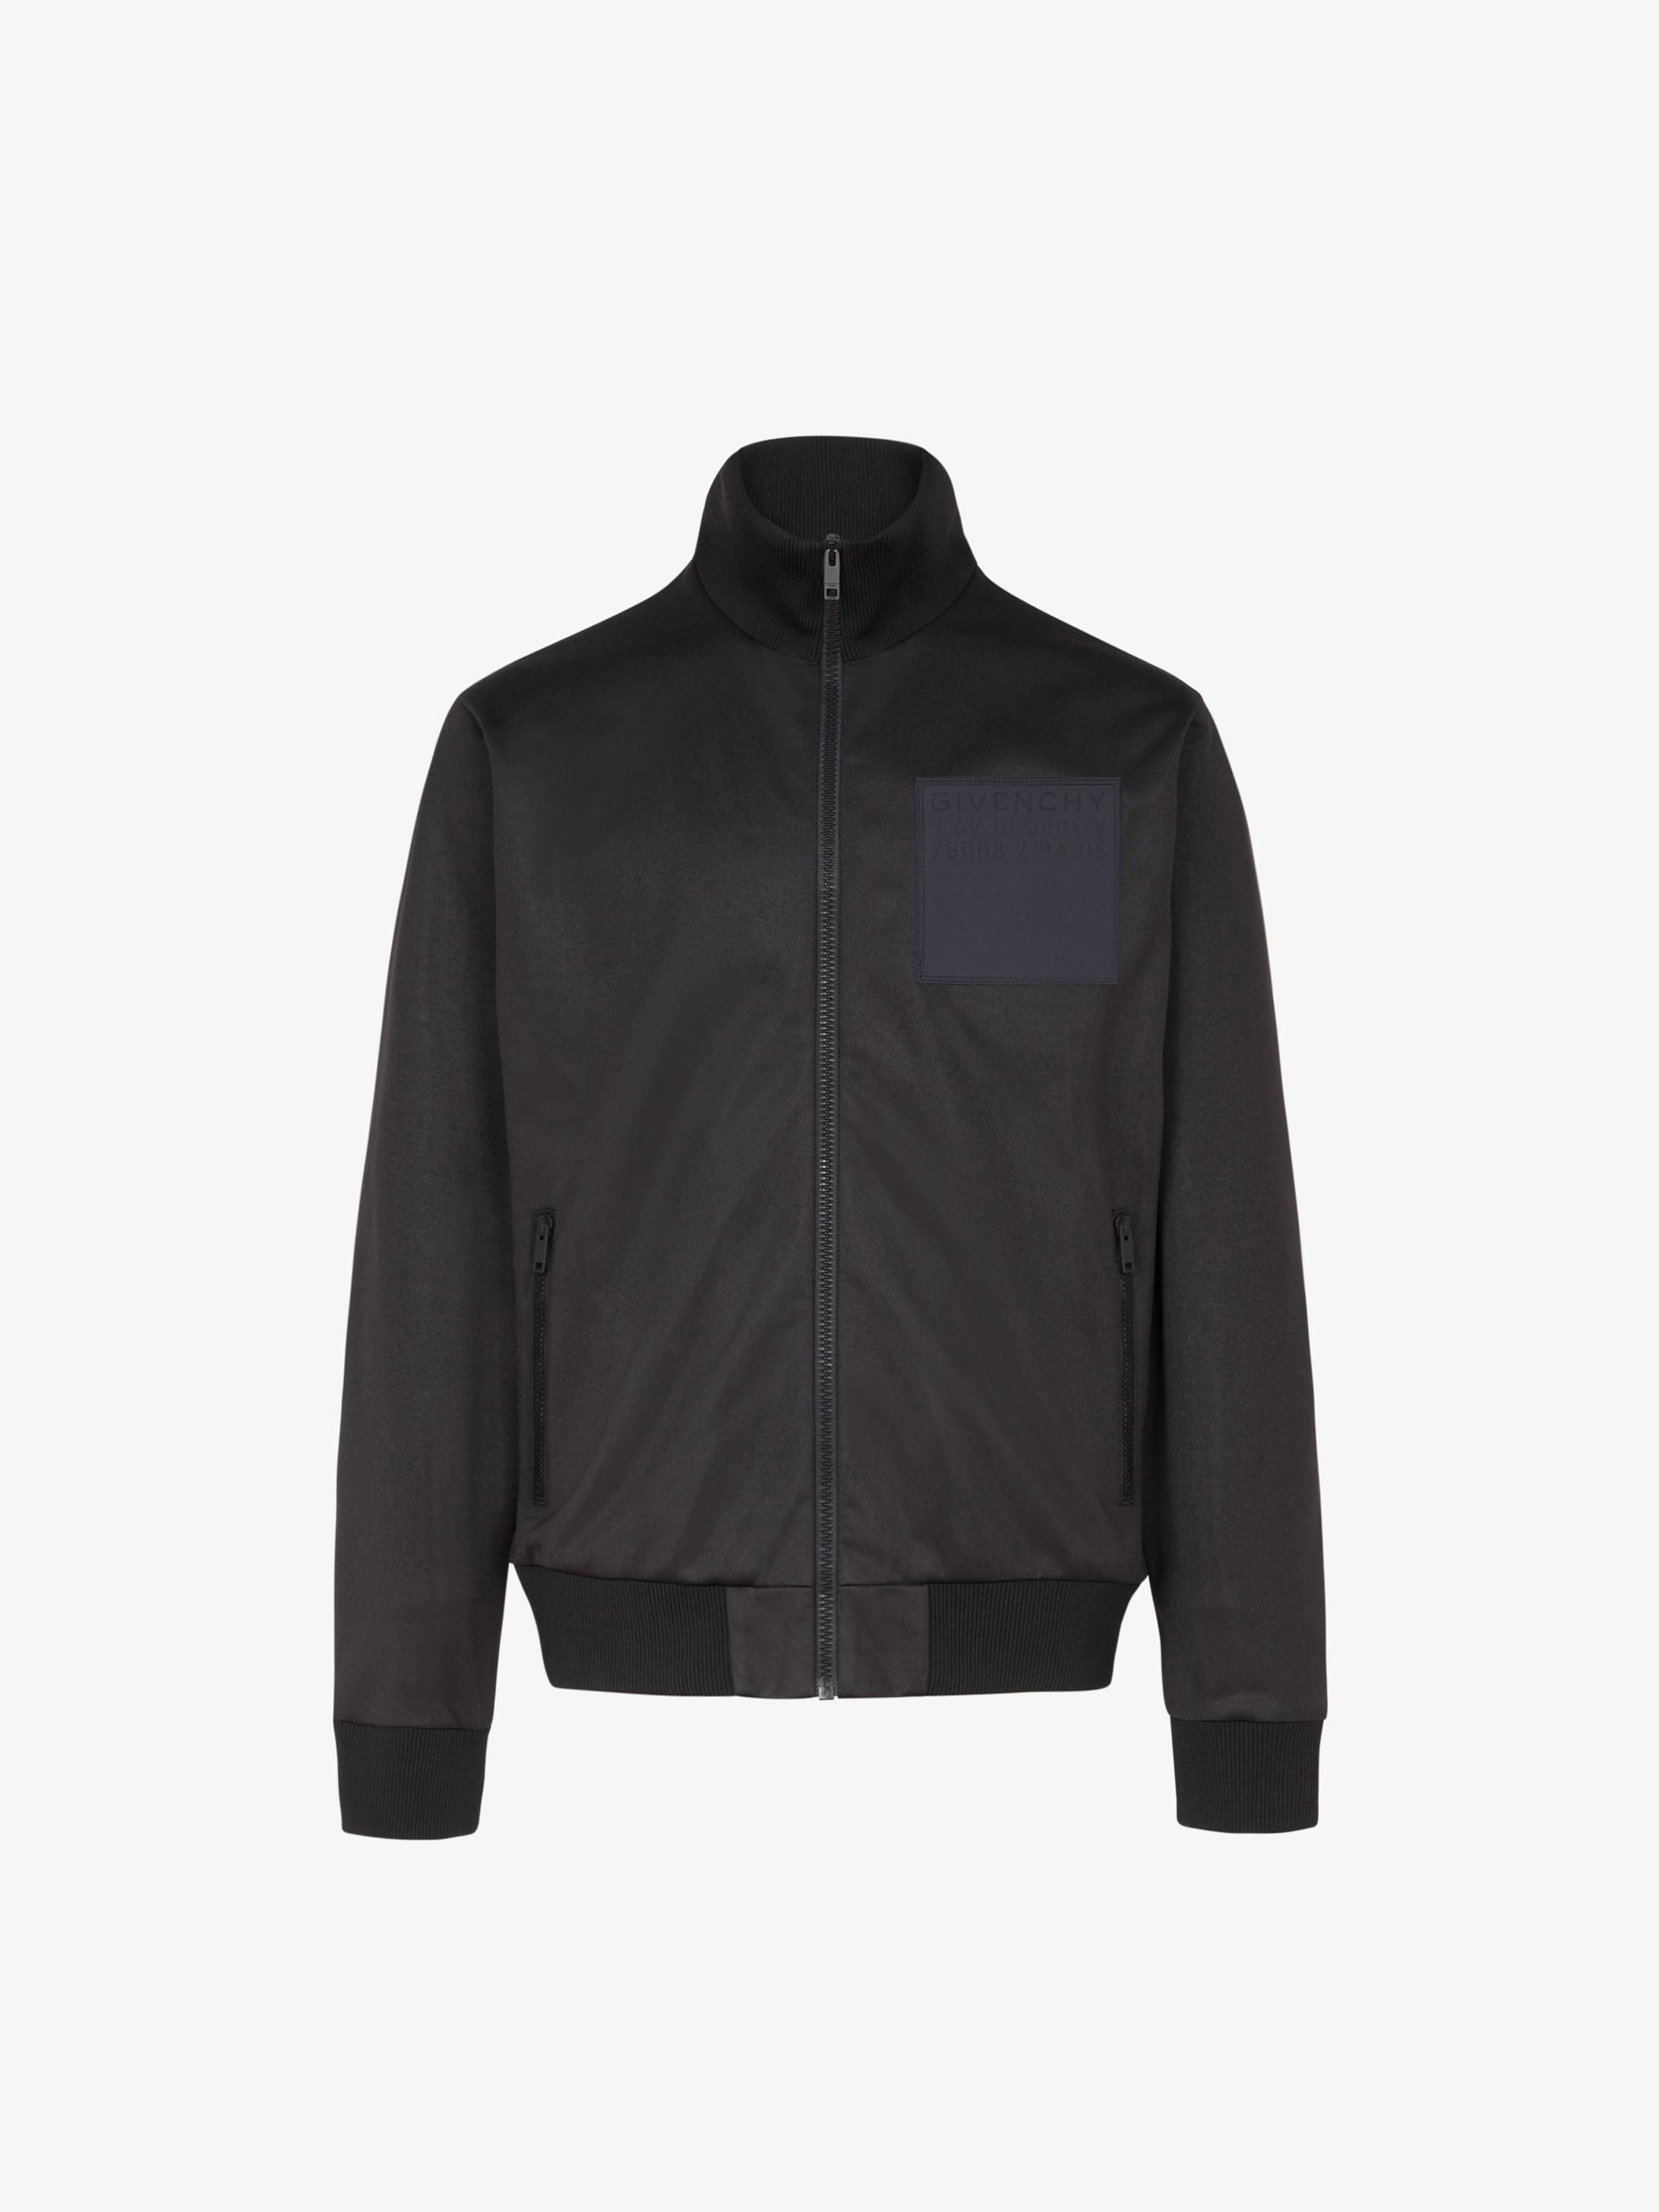 GIVENCHY ADDRESS patch sport jacket